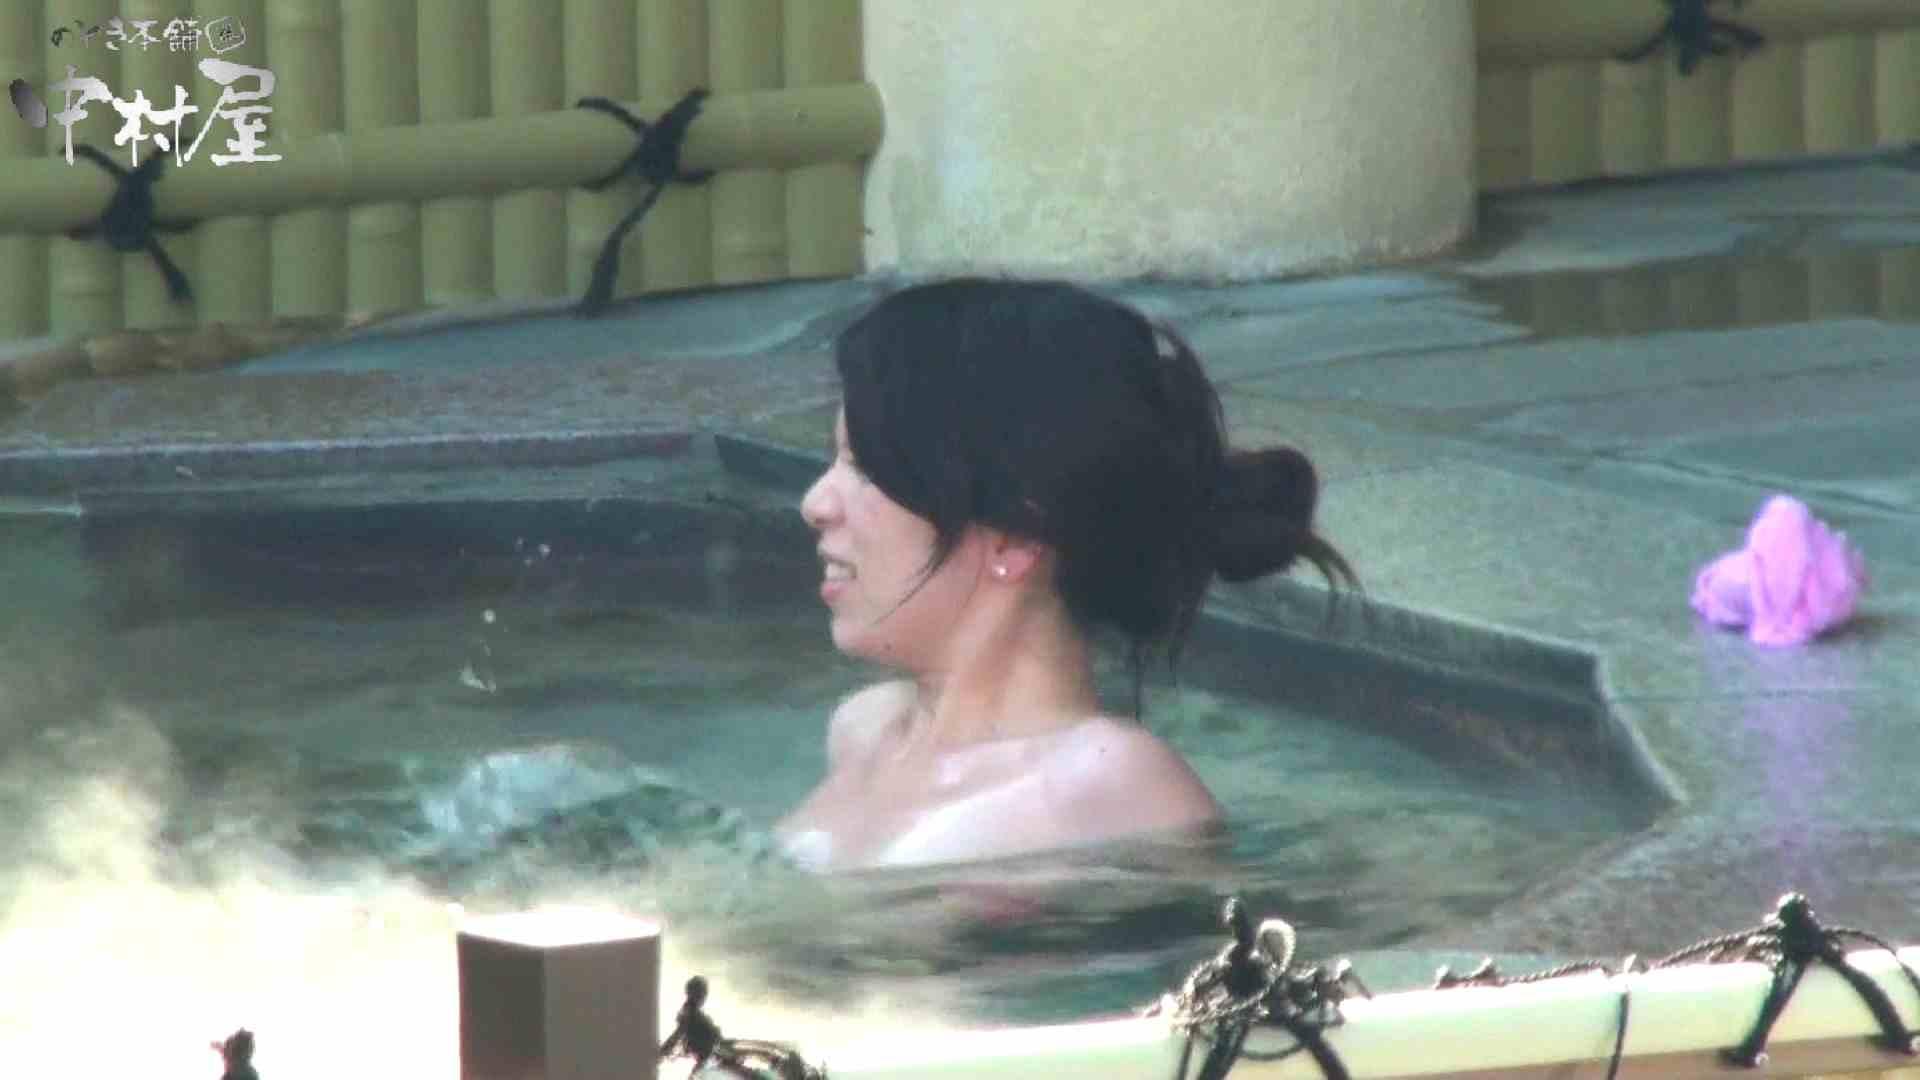 Aquaな露天風呂Vol.919 OLのエロ生活  91連発 30